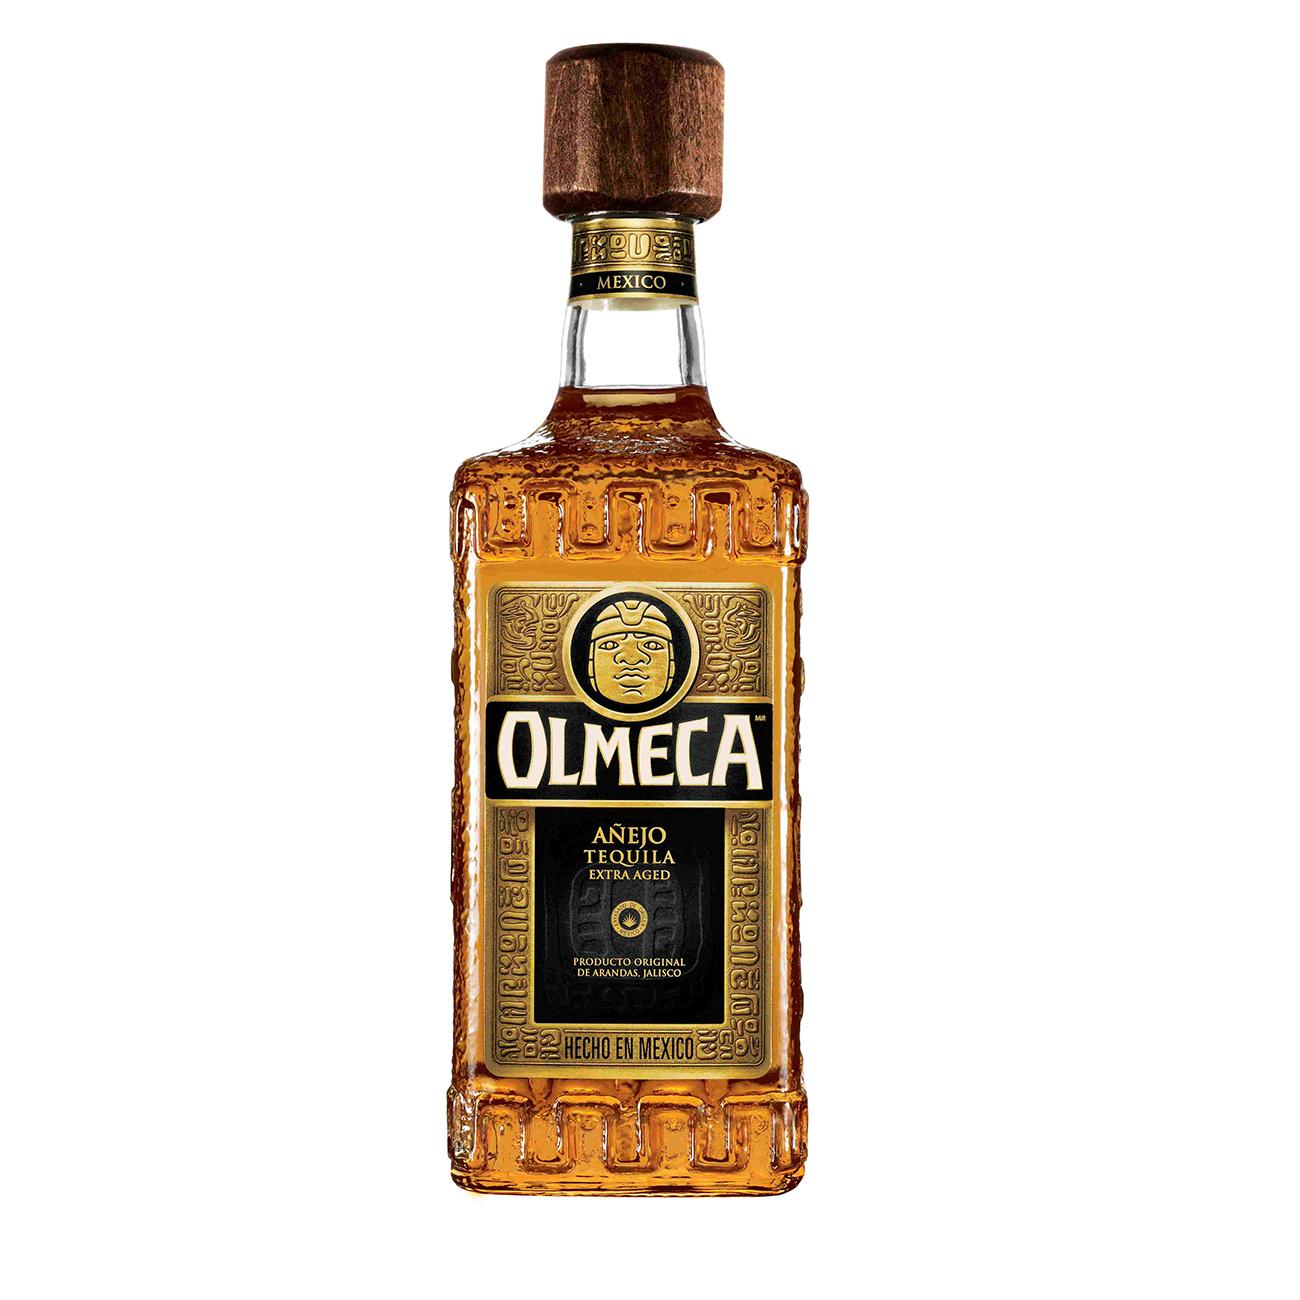 Текила olmeca   как отличить подделку от оригинала?